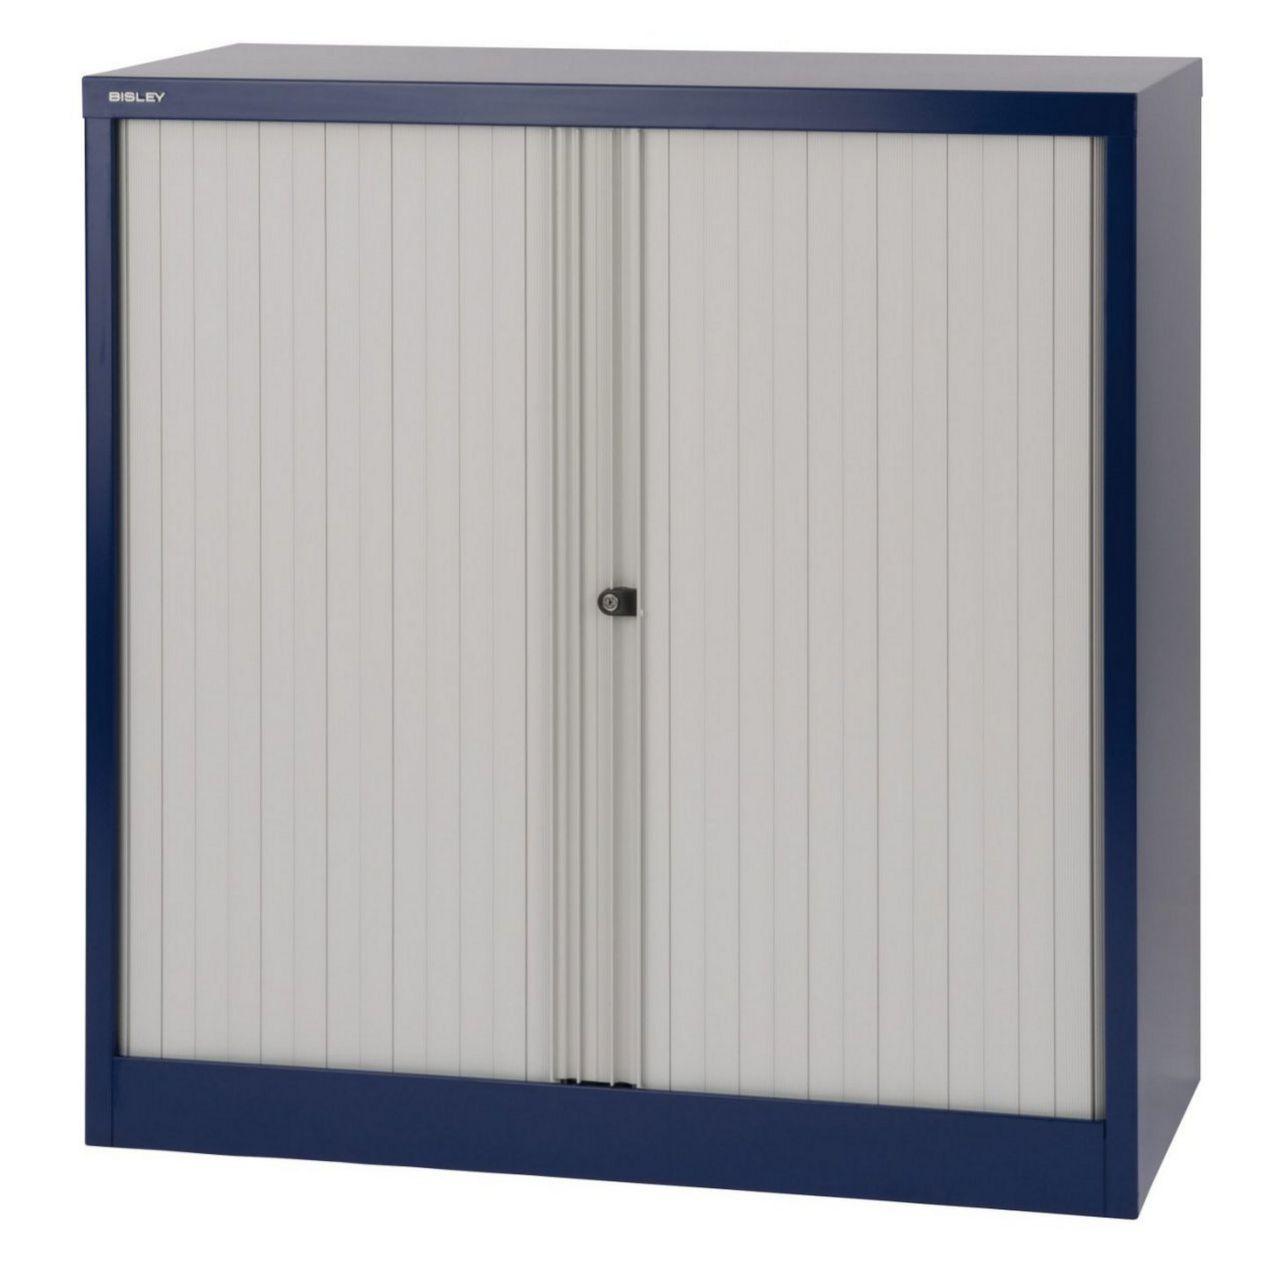 abschließbarer Rollladenbüroschrank Stahl oxfordblau